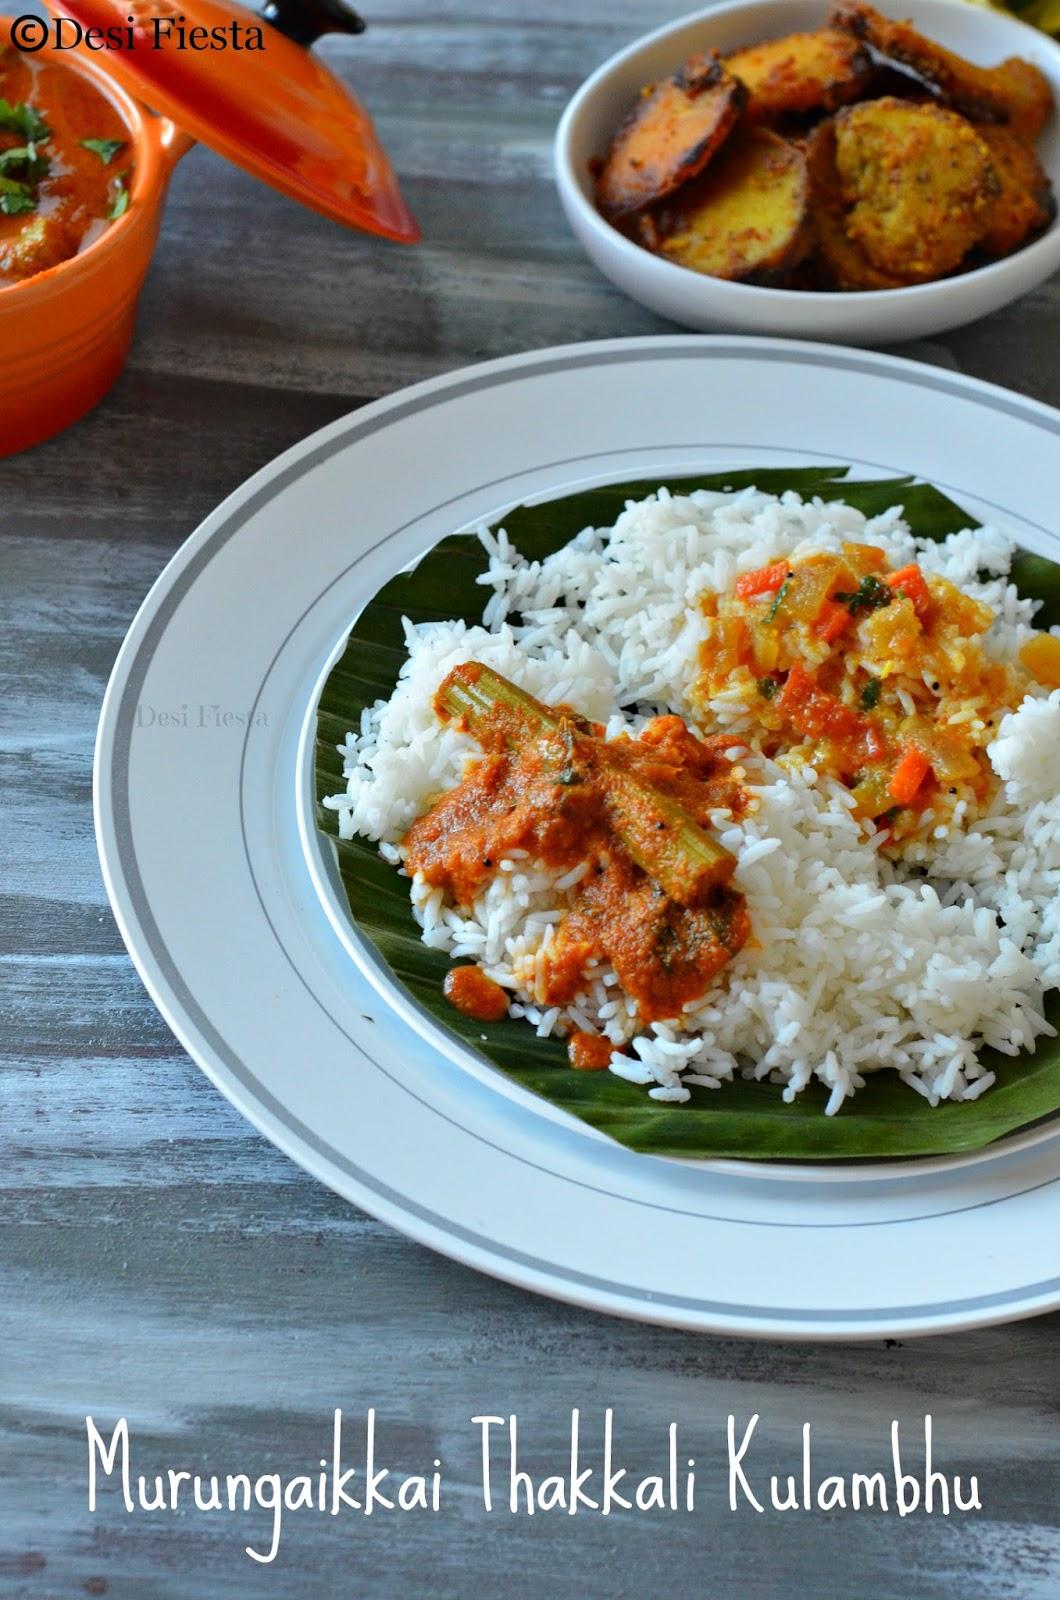 Kulambu recipes